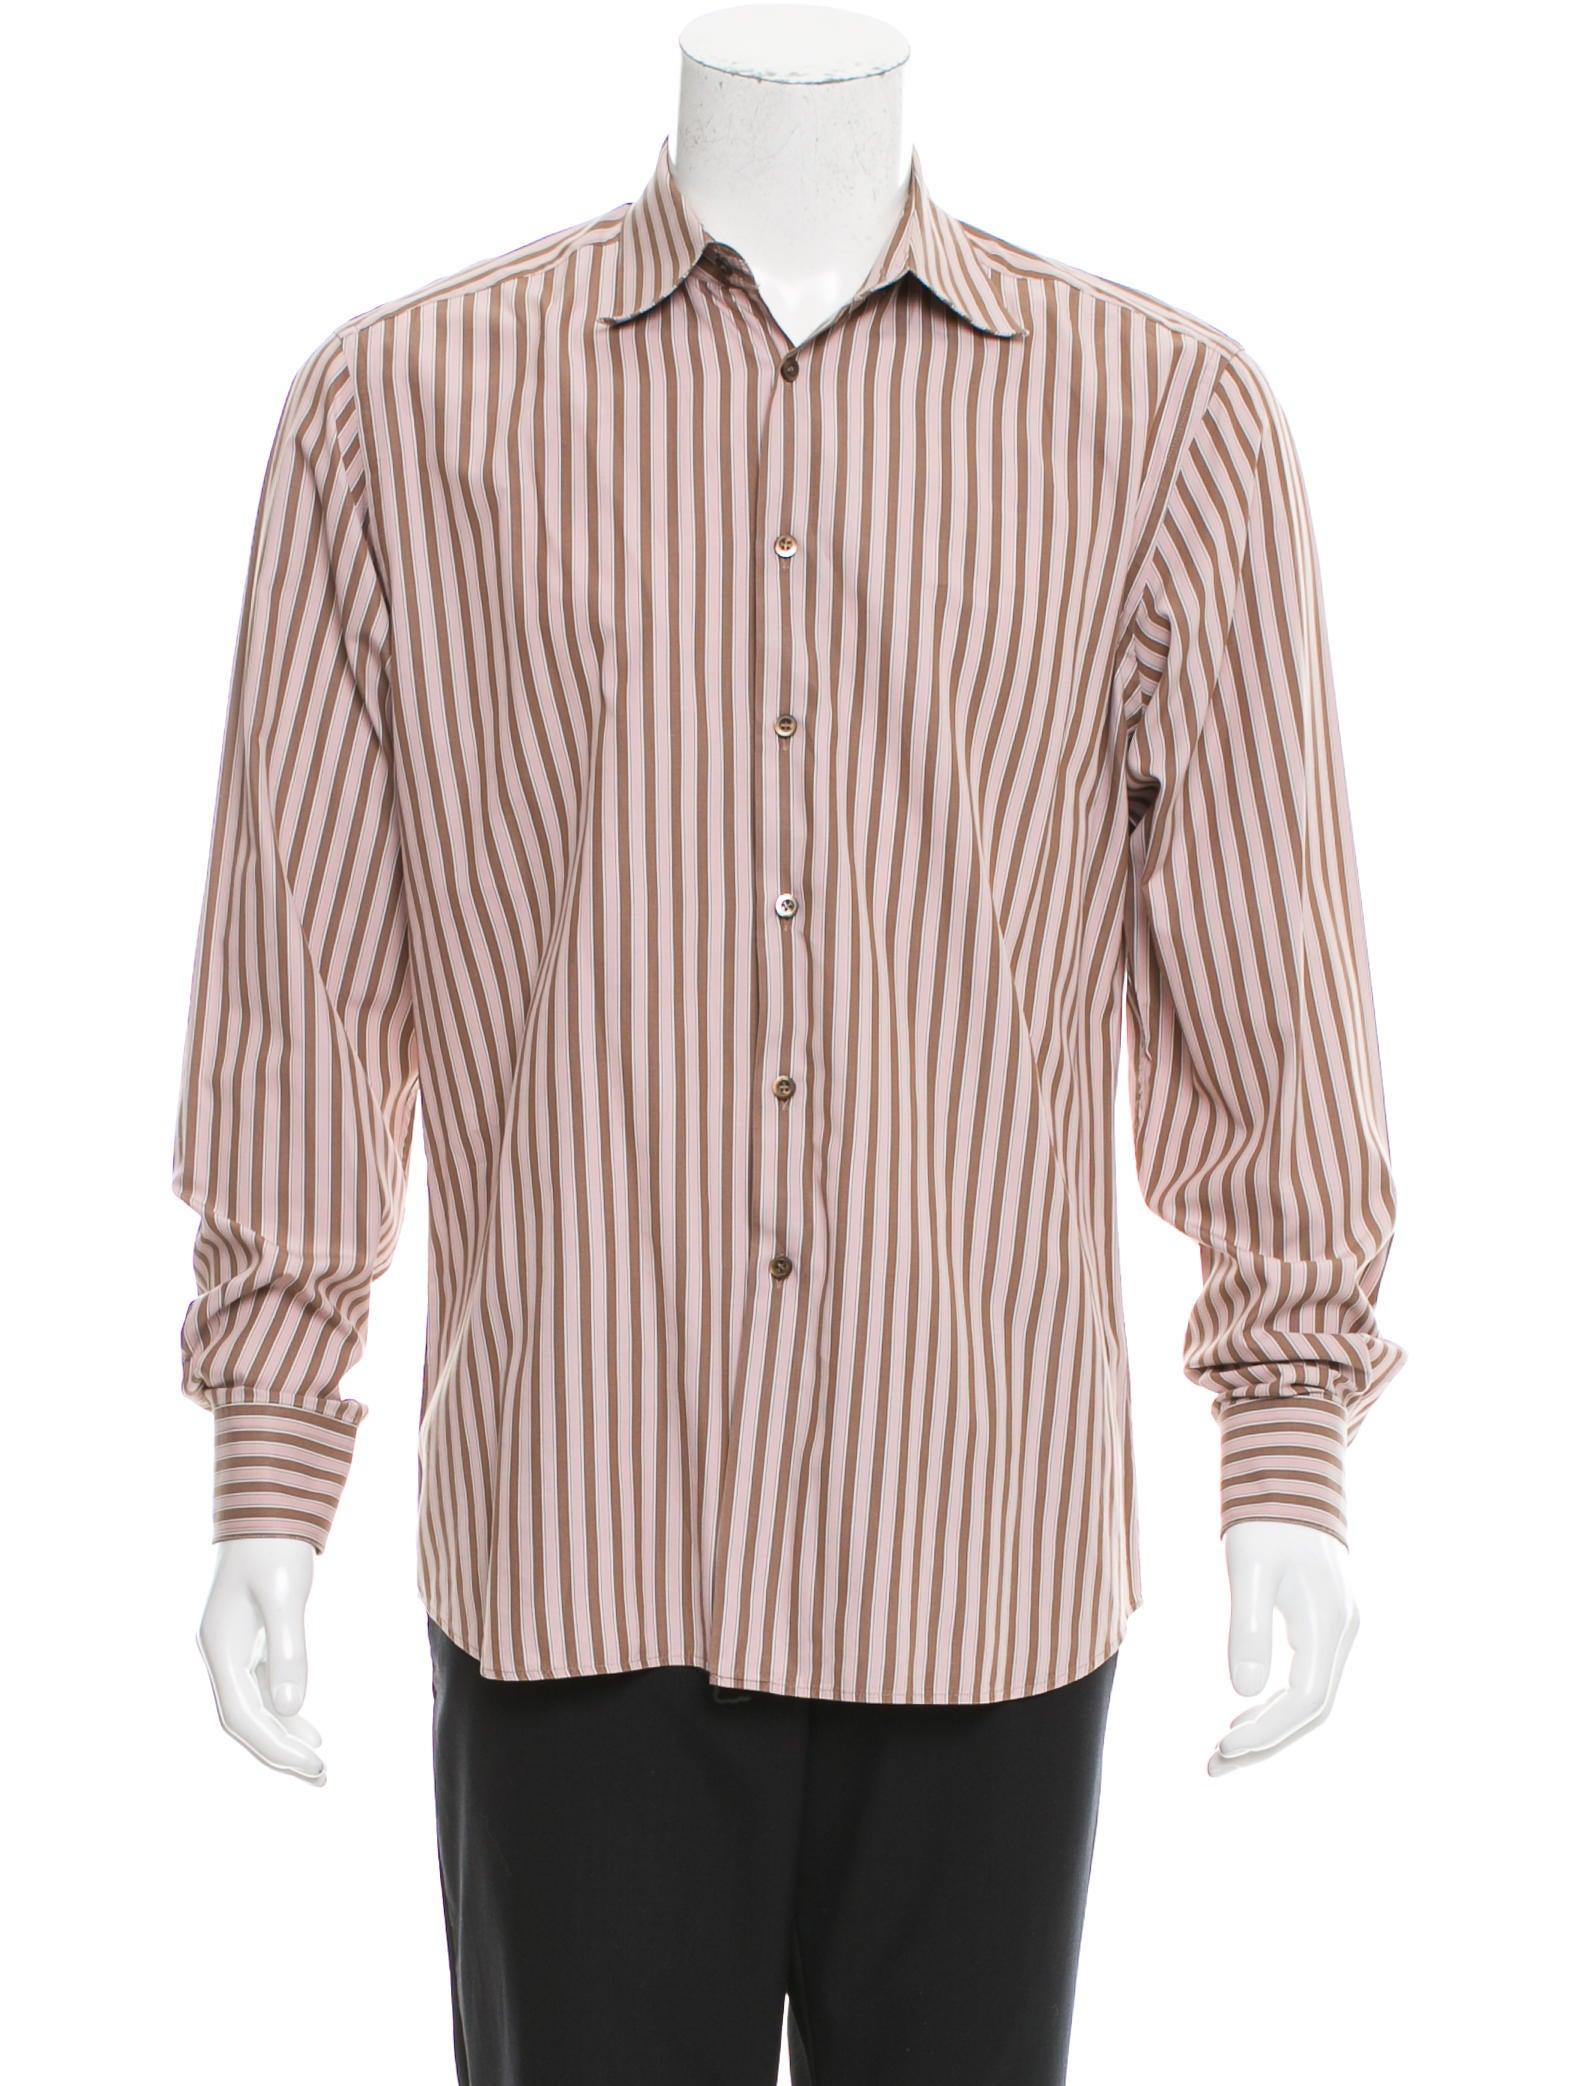 Prada striped button up shirt clothing pra154794 the for Striped button up shirt mens